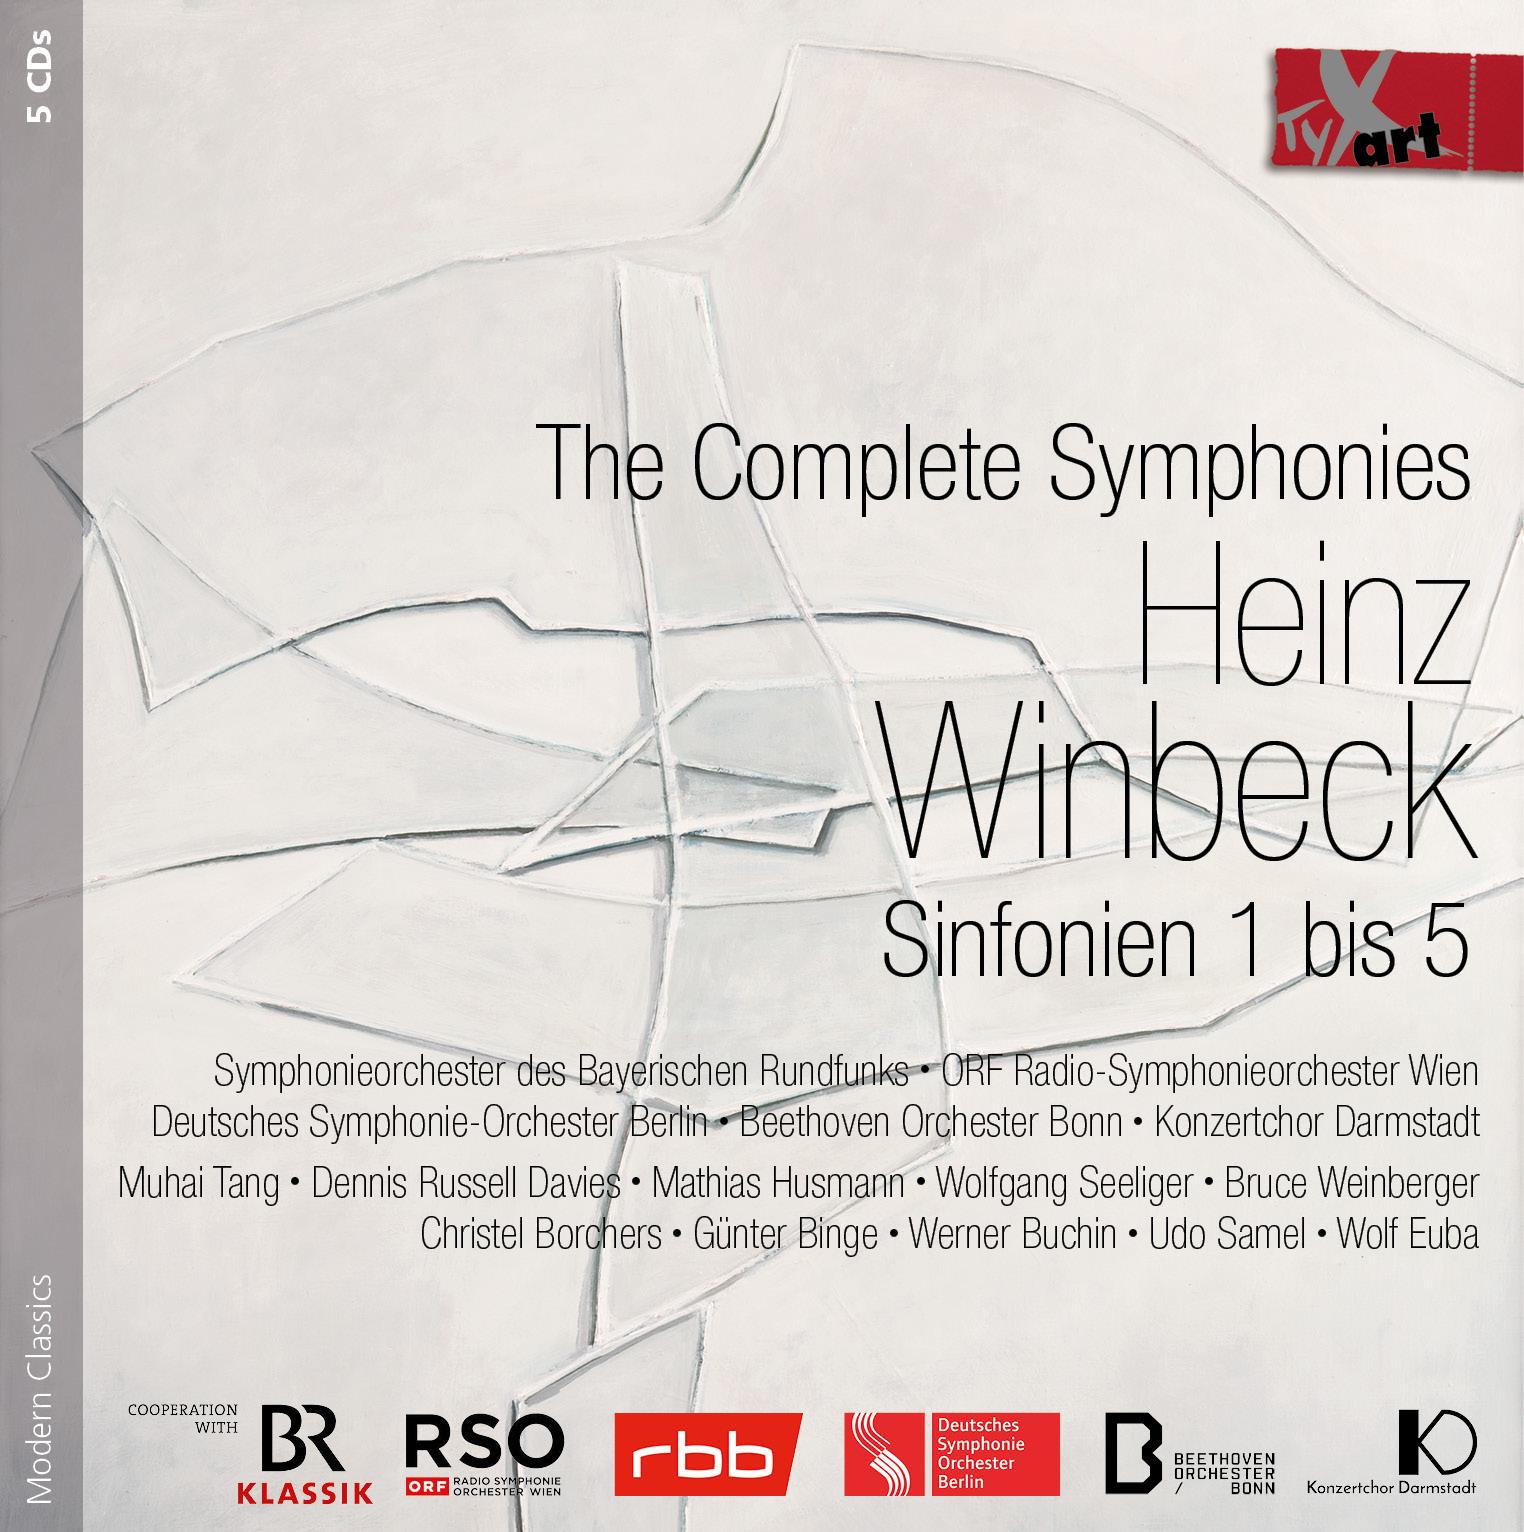 Heinz Winbeck - Sämtliche Sinfonien (1-5)